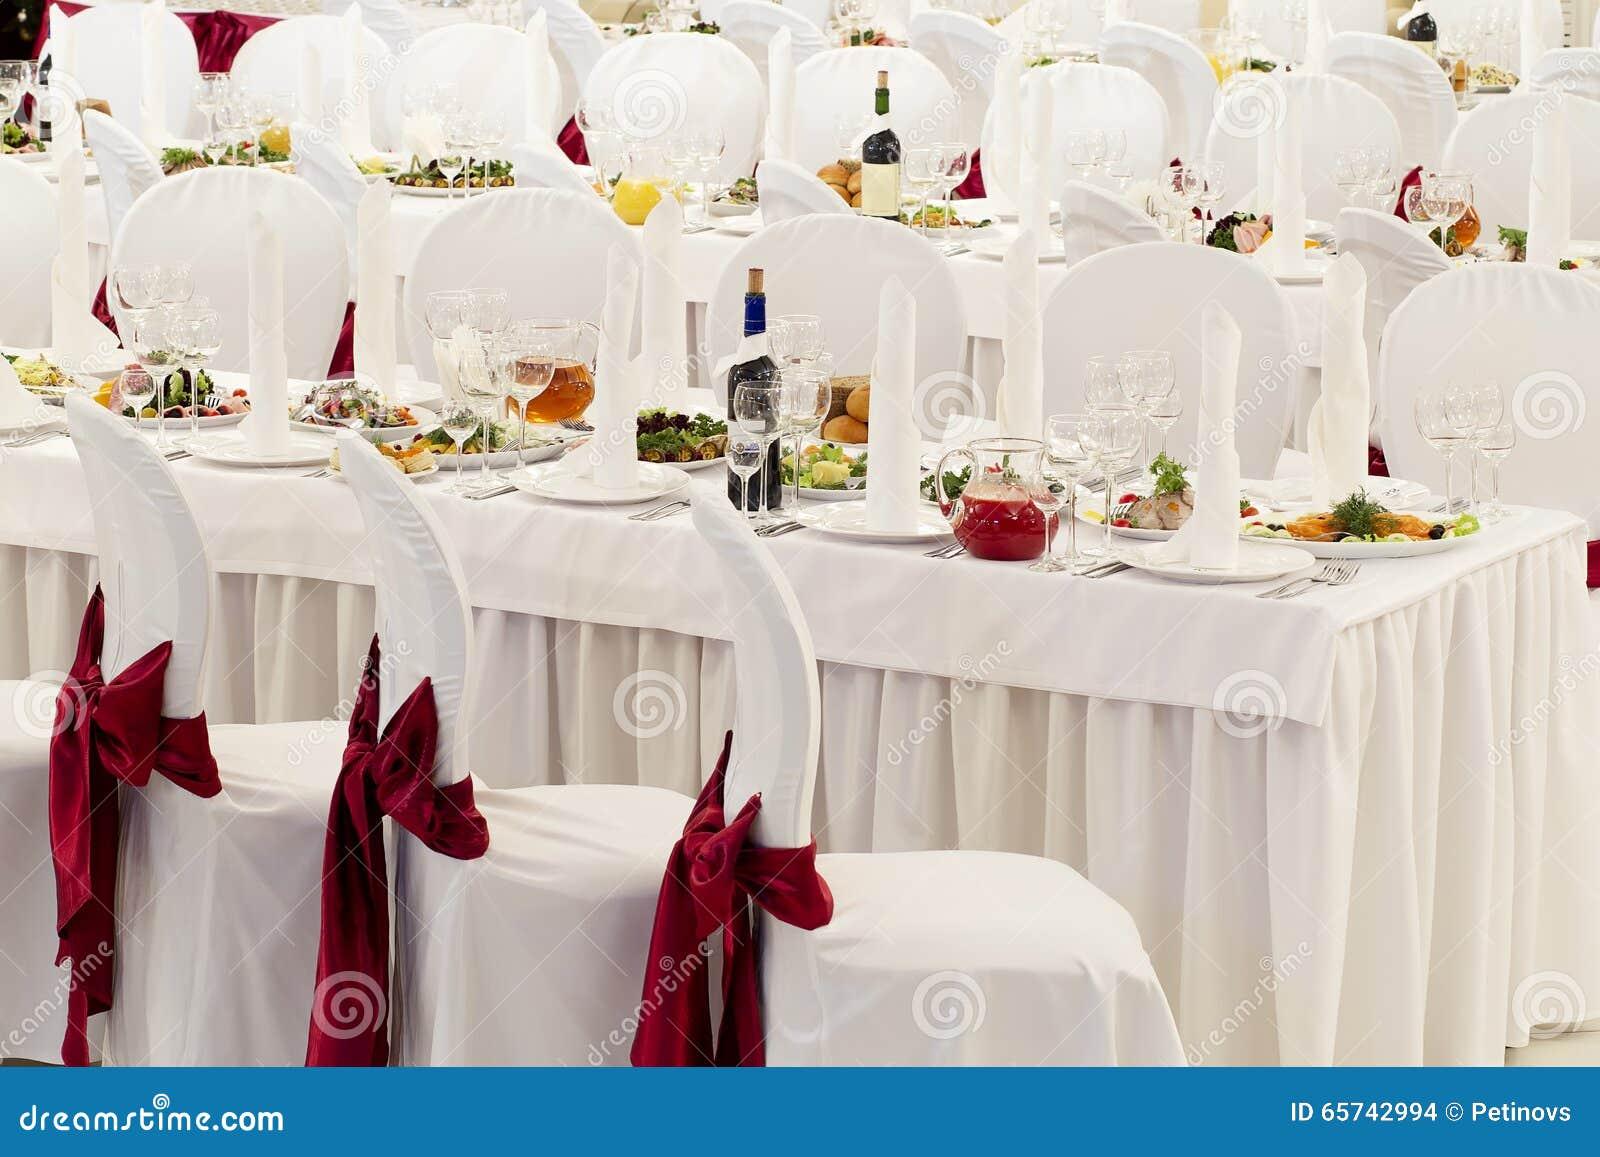 une salle de banquet de restaurant d cor e pour un mariage photo stock image 65742994. Black Bedroom Furniture Sets. Home Design Ideas